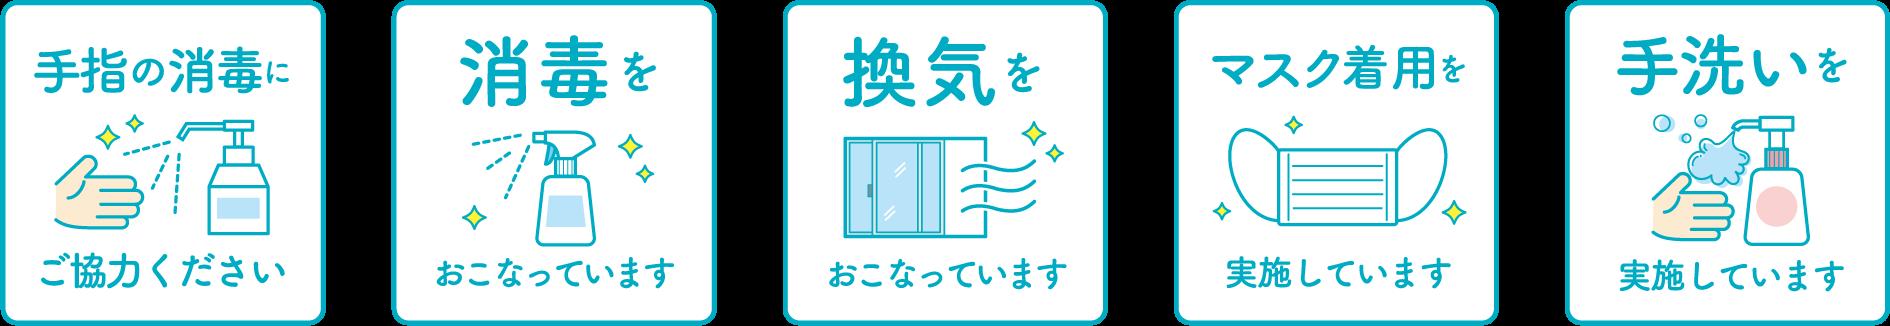 市 コロナ 感染 上田